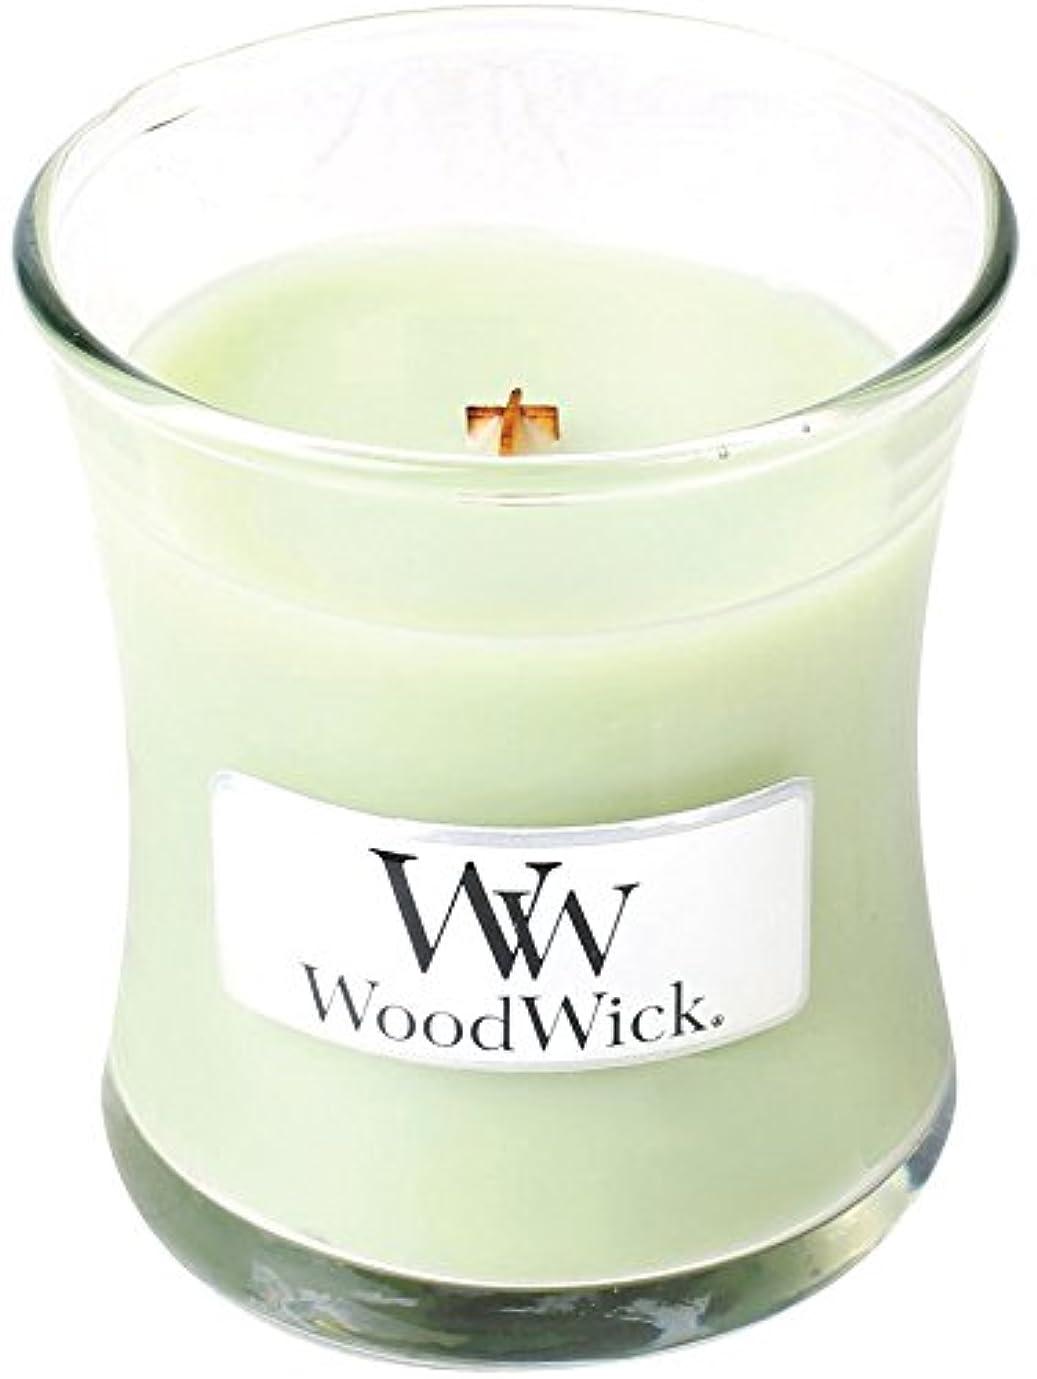 私達忘れる苦悩Wood Wick ウッドウィック ジャーキャンドルSサイズ ライムジェラー